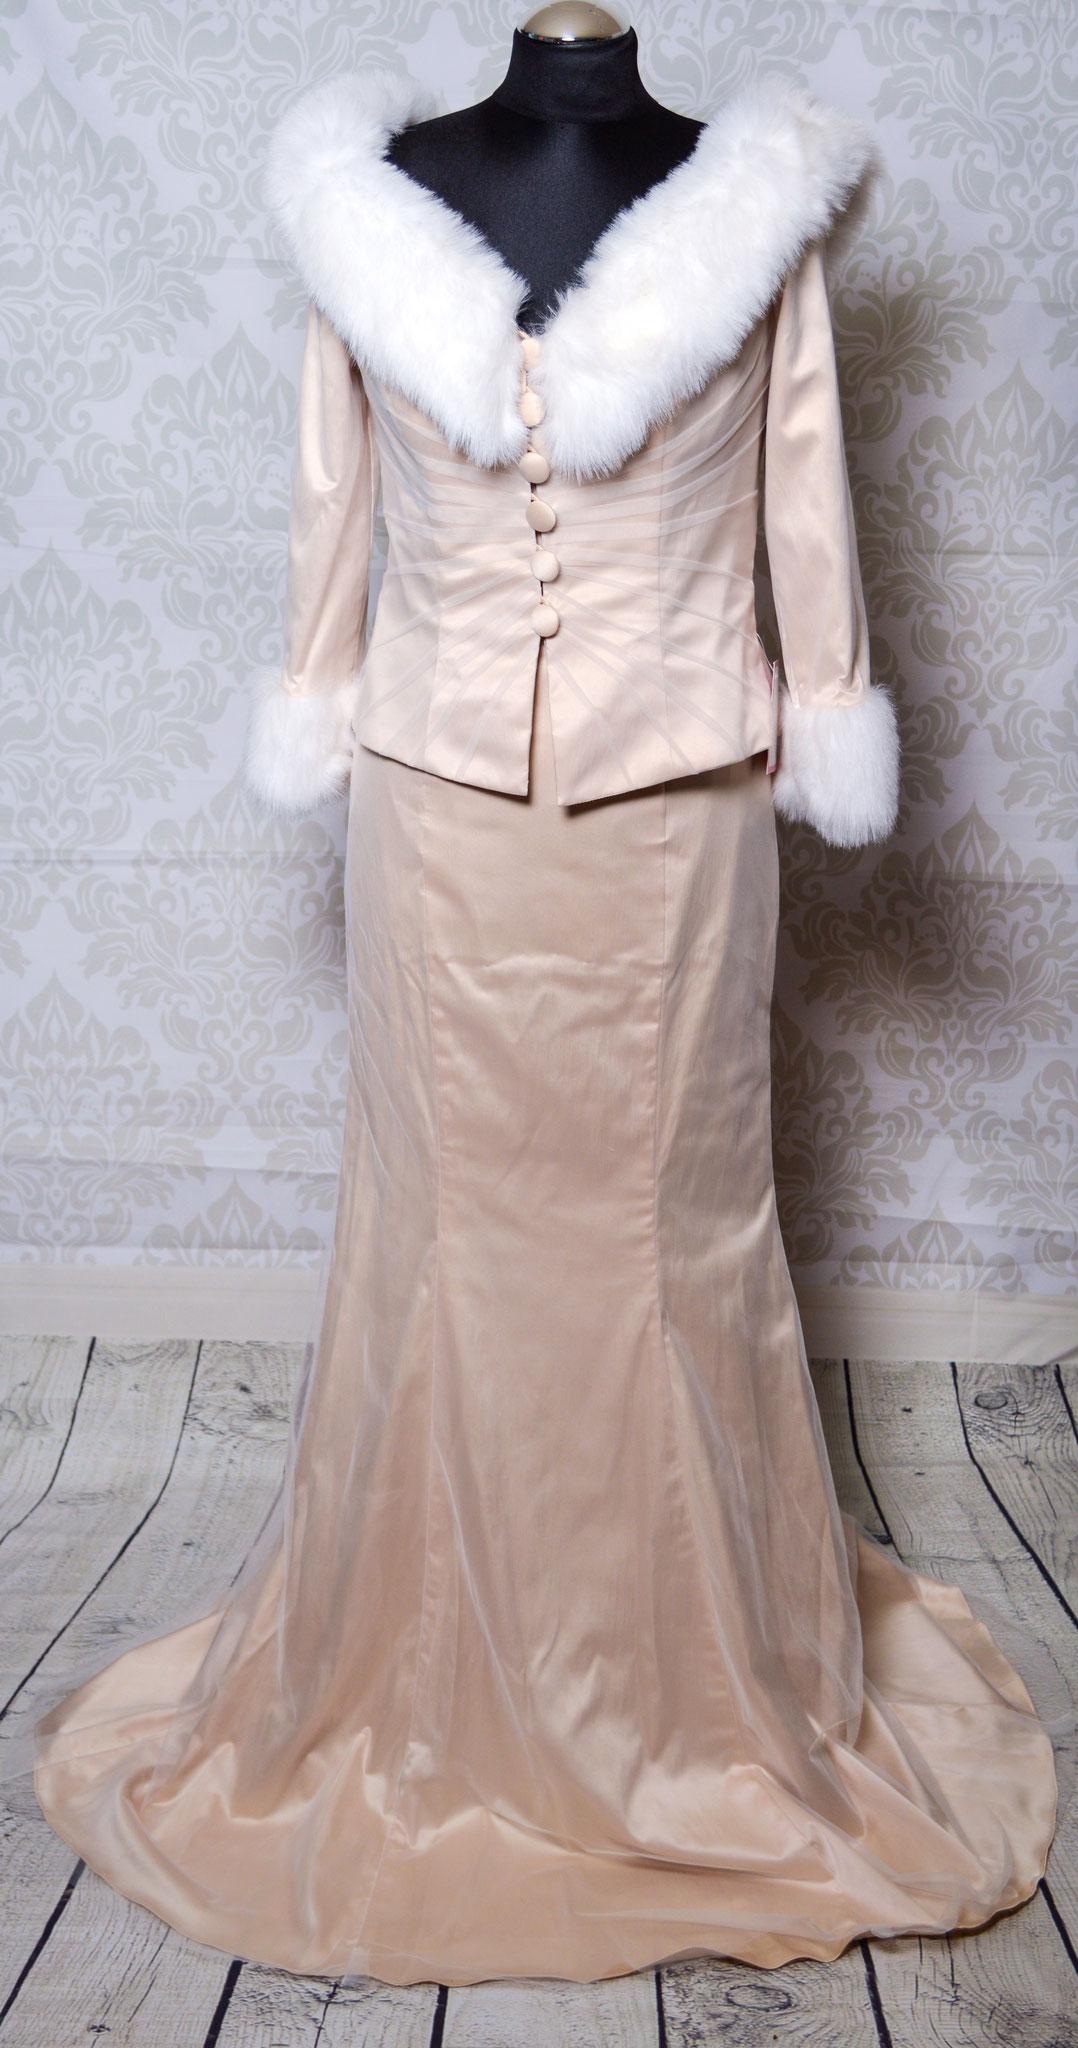 Nr. 7Hochwertiges Cappuccino Farbenes Kleid mit Felljacke ( kein Echtfell !) von Isabel de Mestre Gr. 38 kann auch ohne Jacke getragen werden